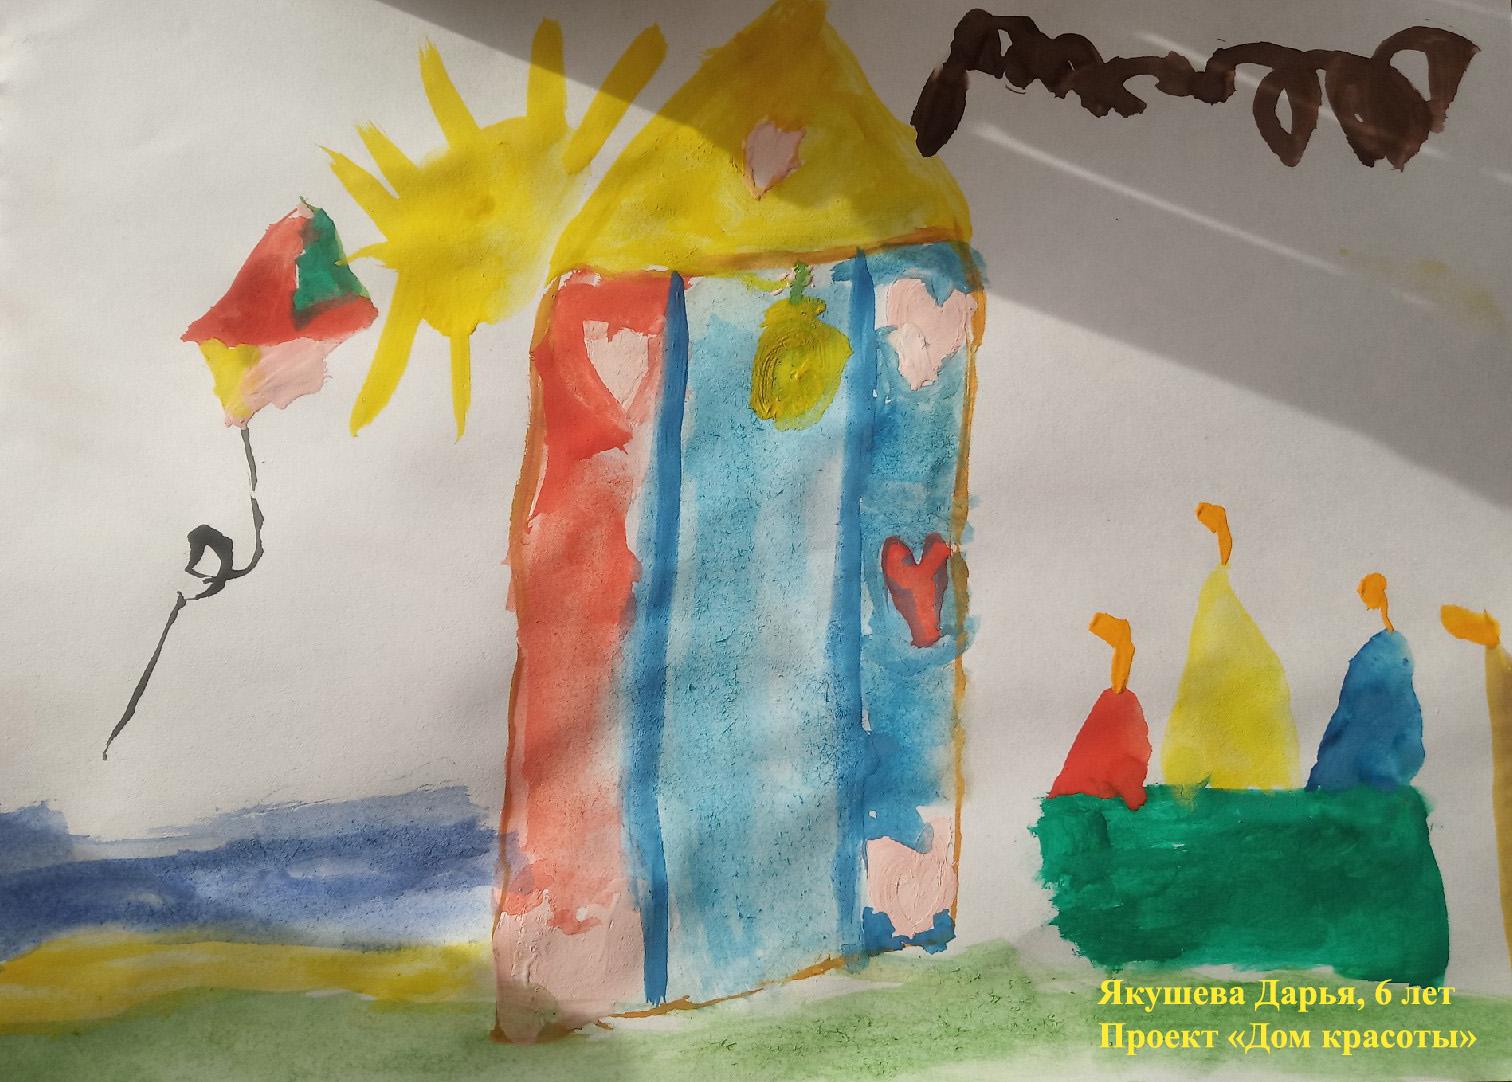 Якушева Дарья, 6 лет.